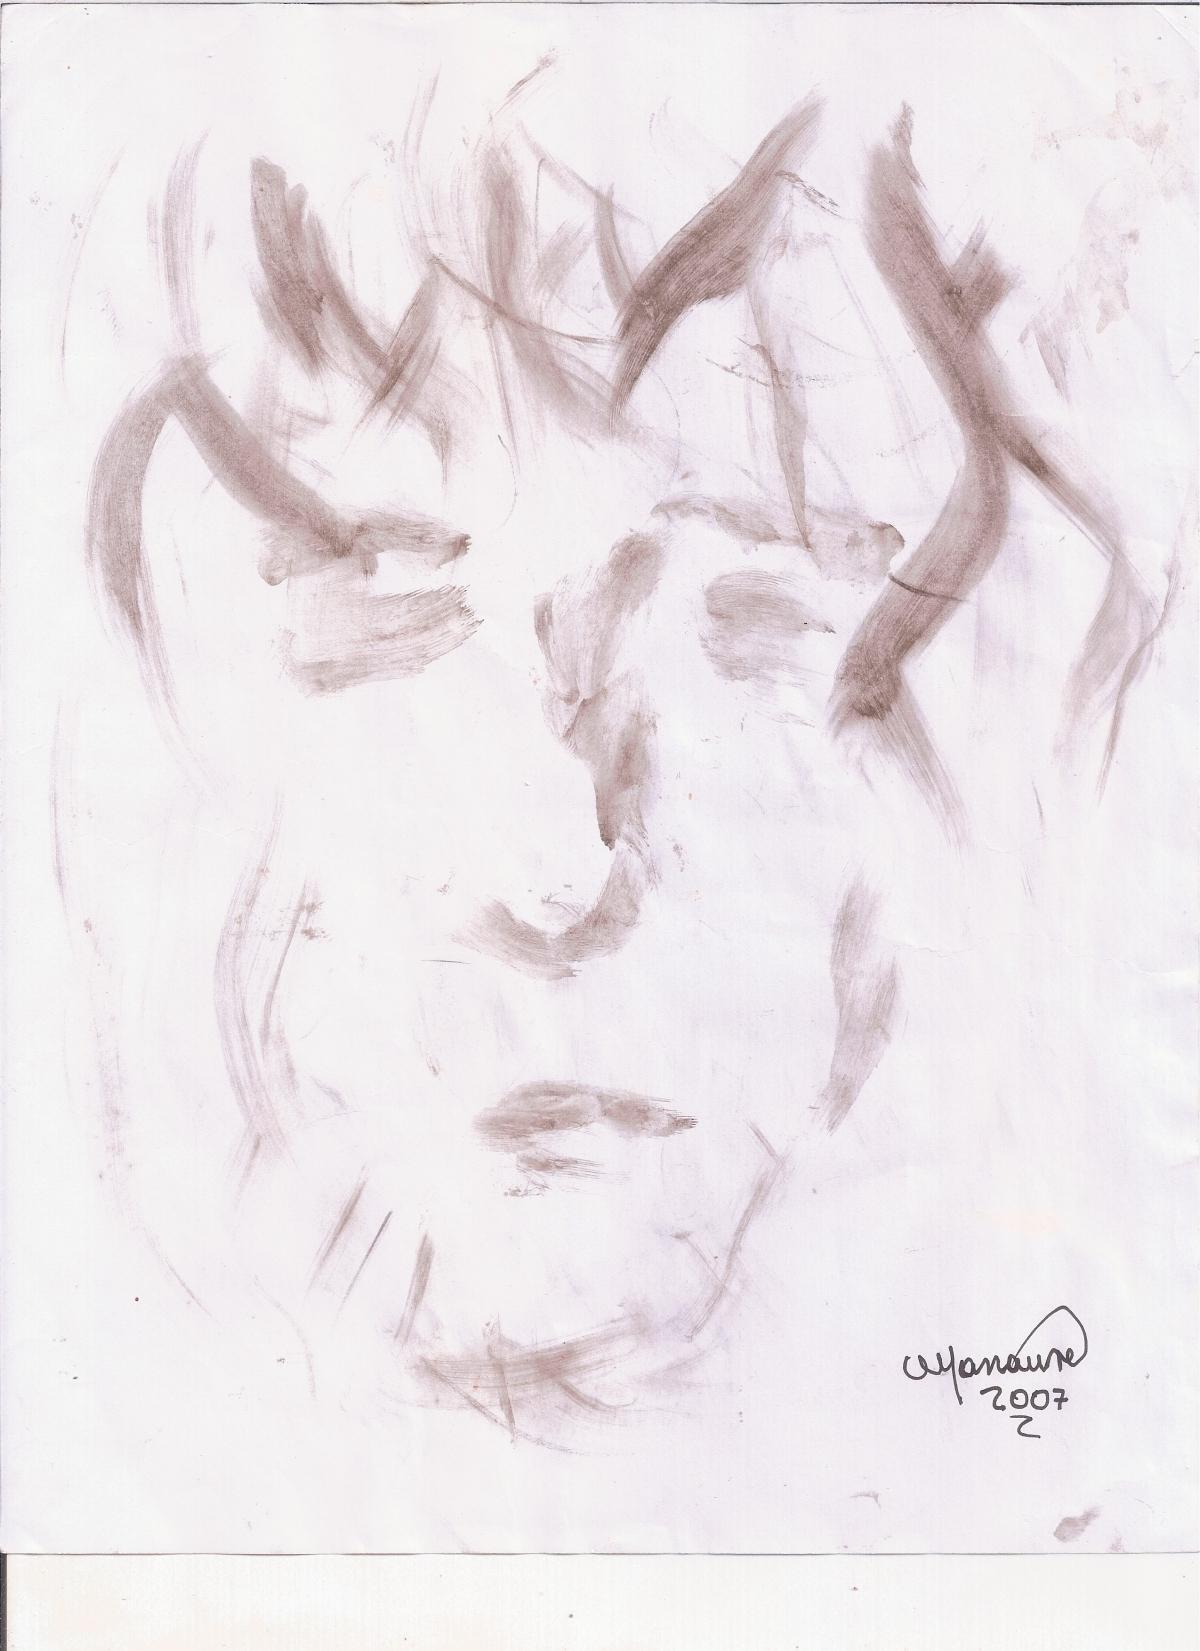 Abstracción del rostro Humano #18